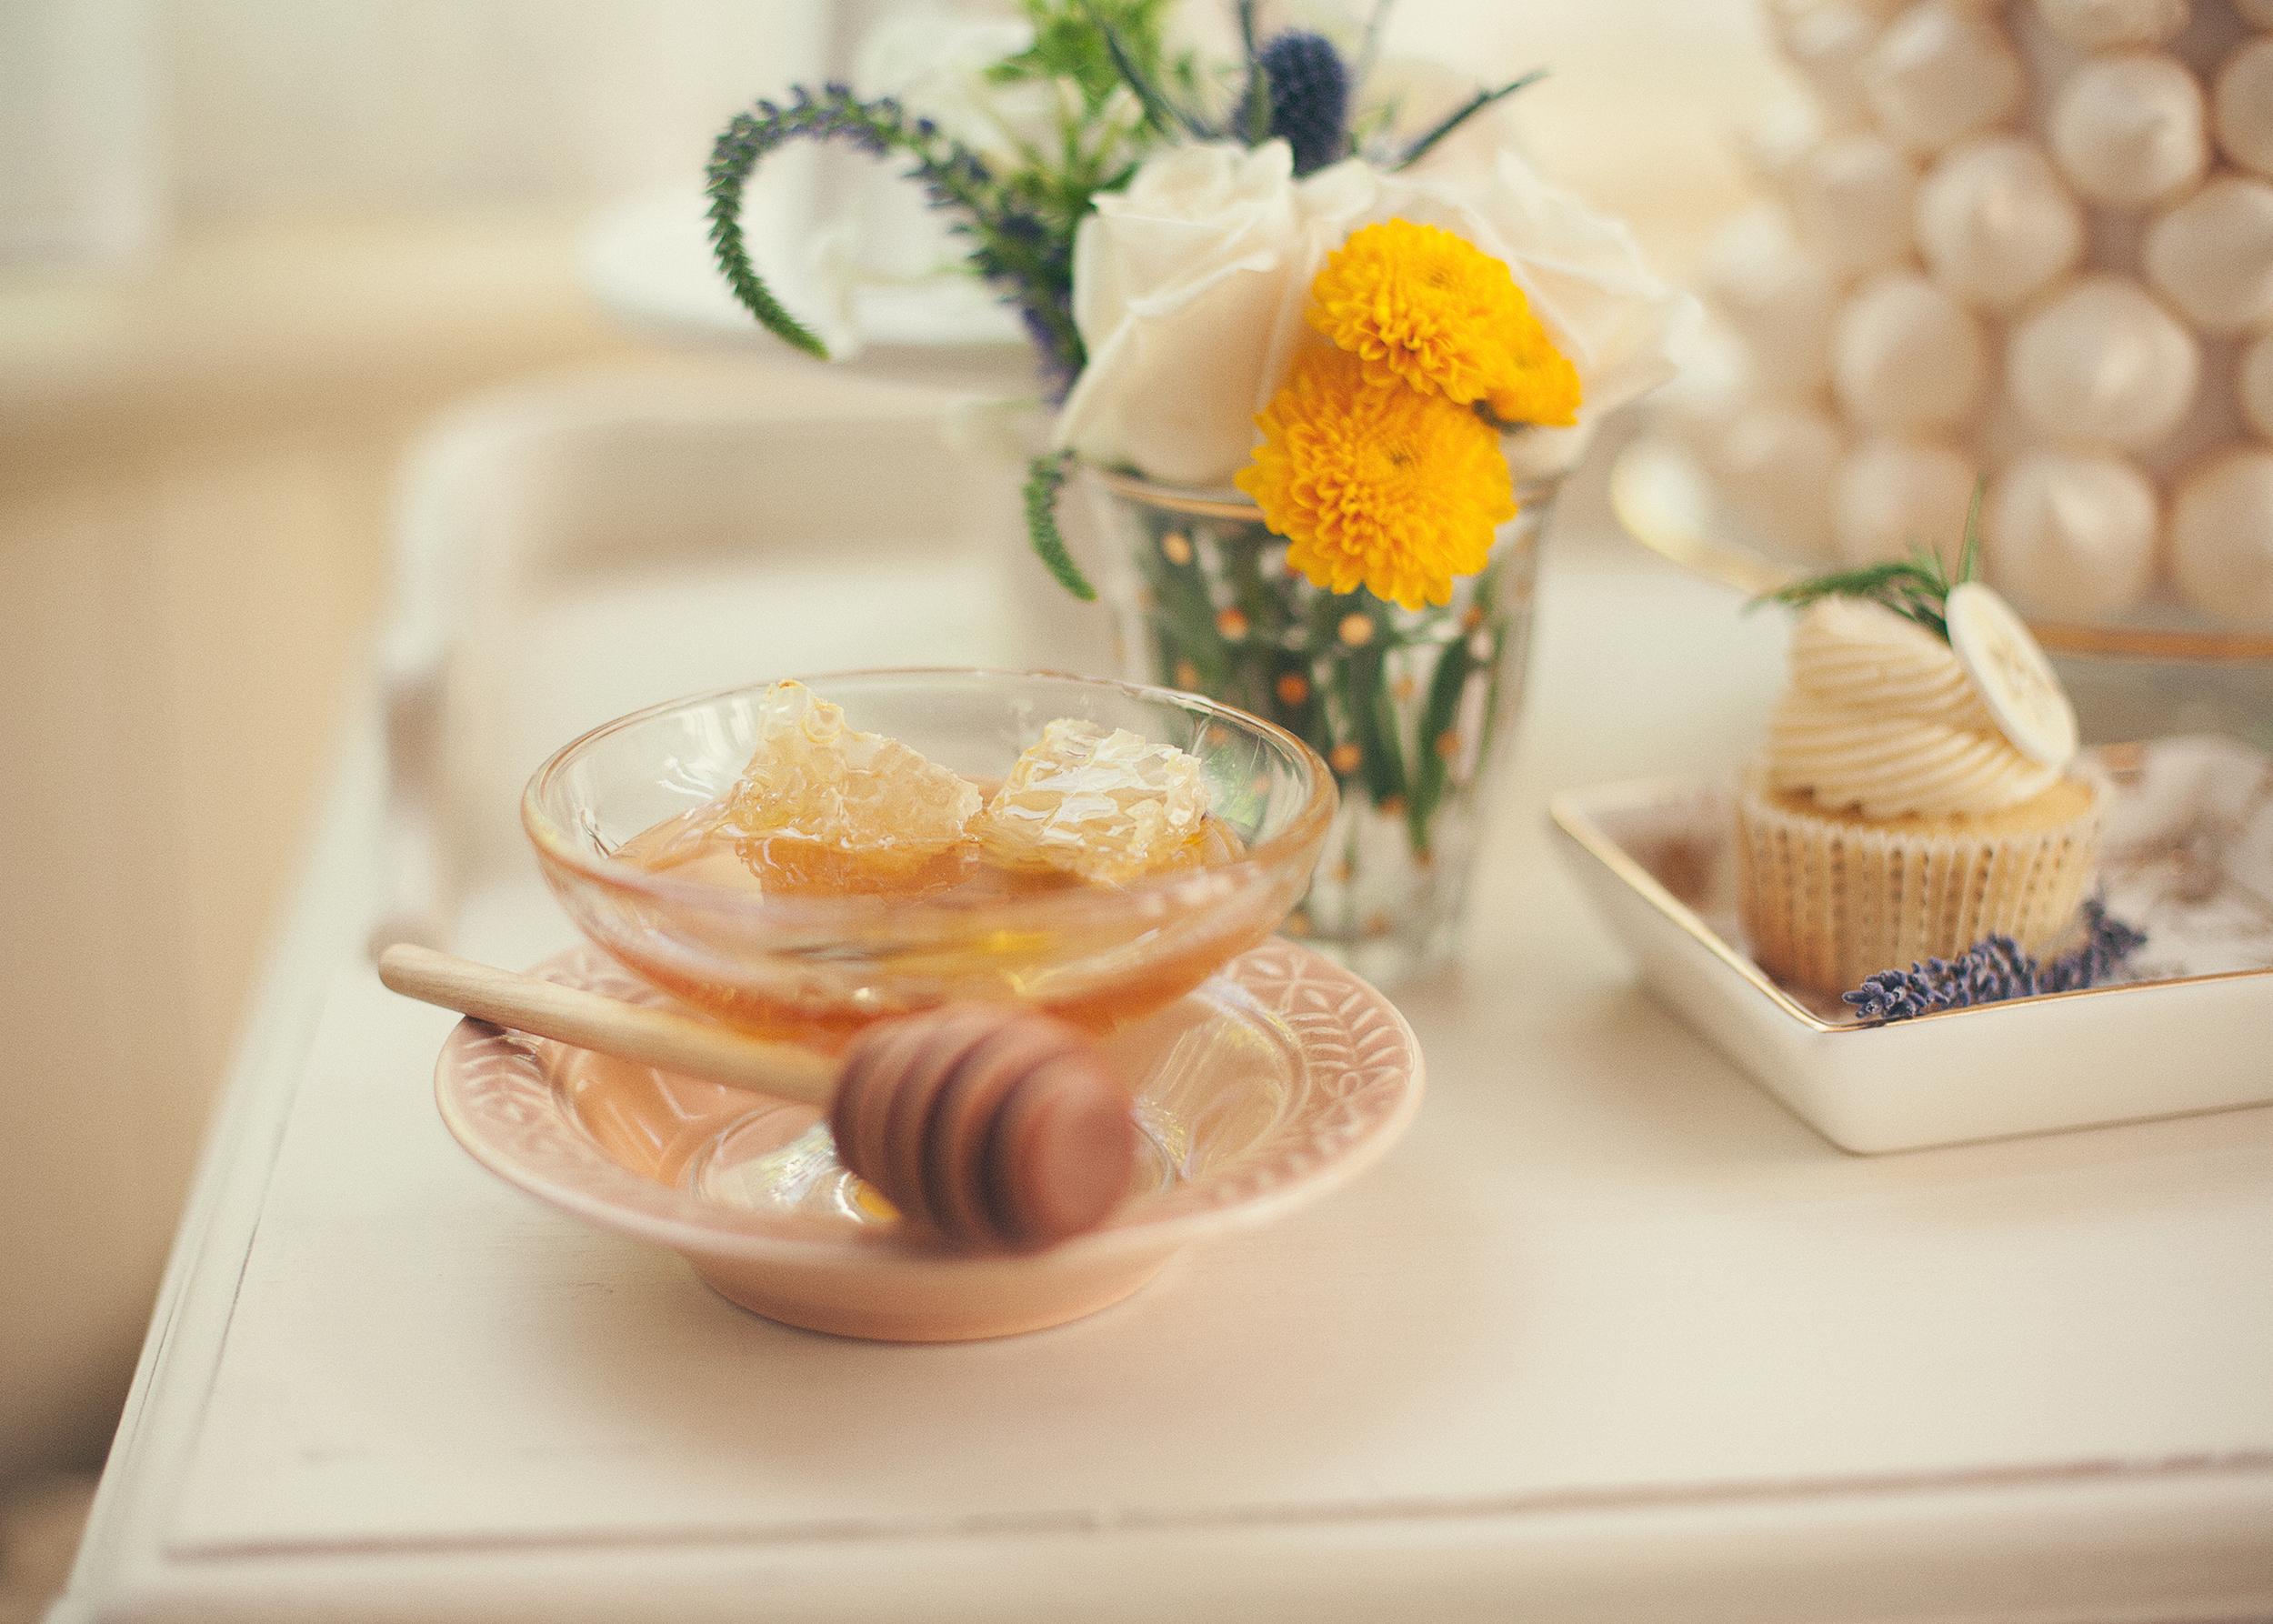 Honey bowl resized.jpg